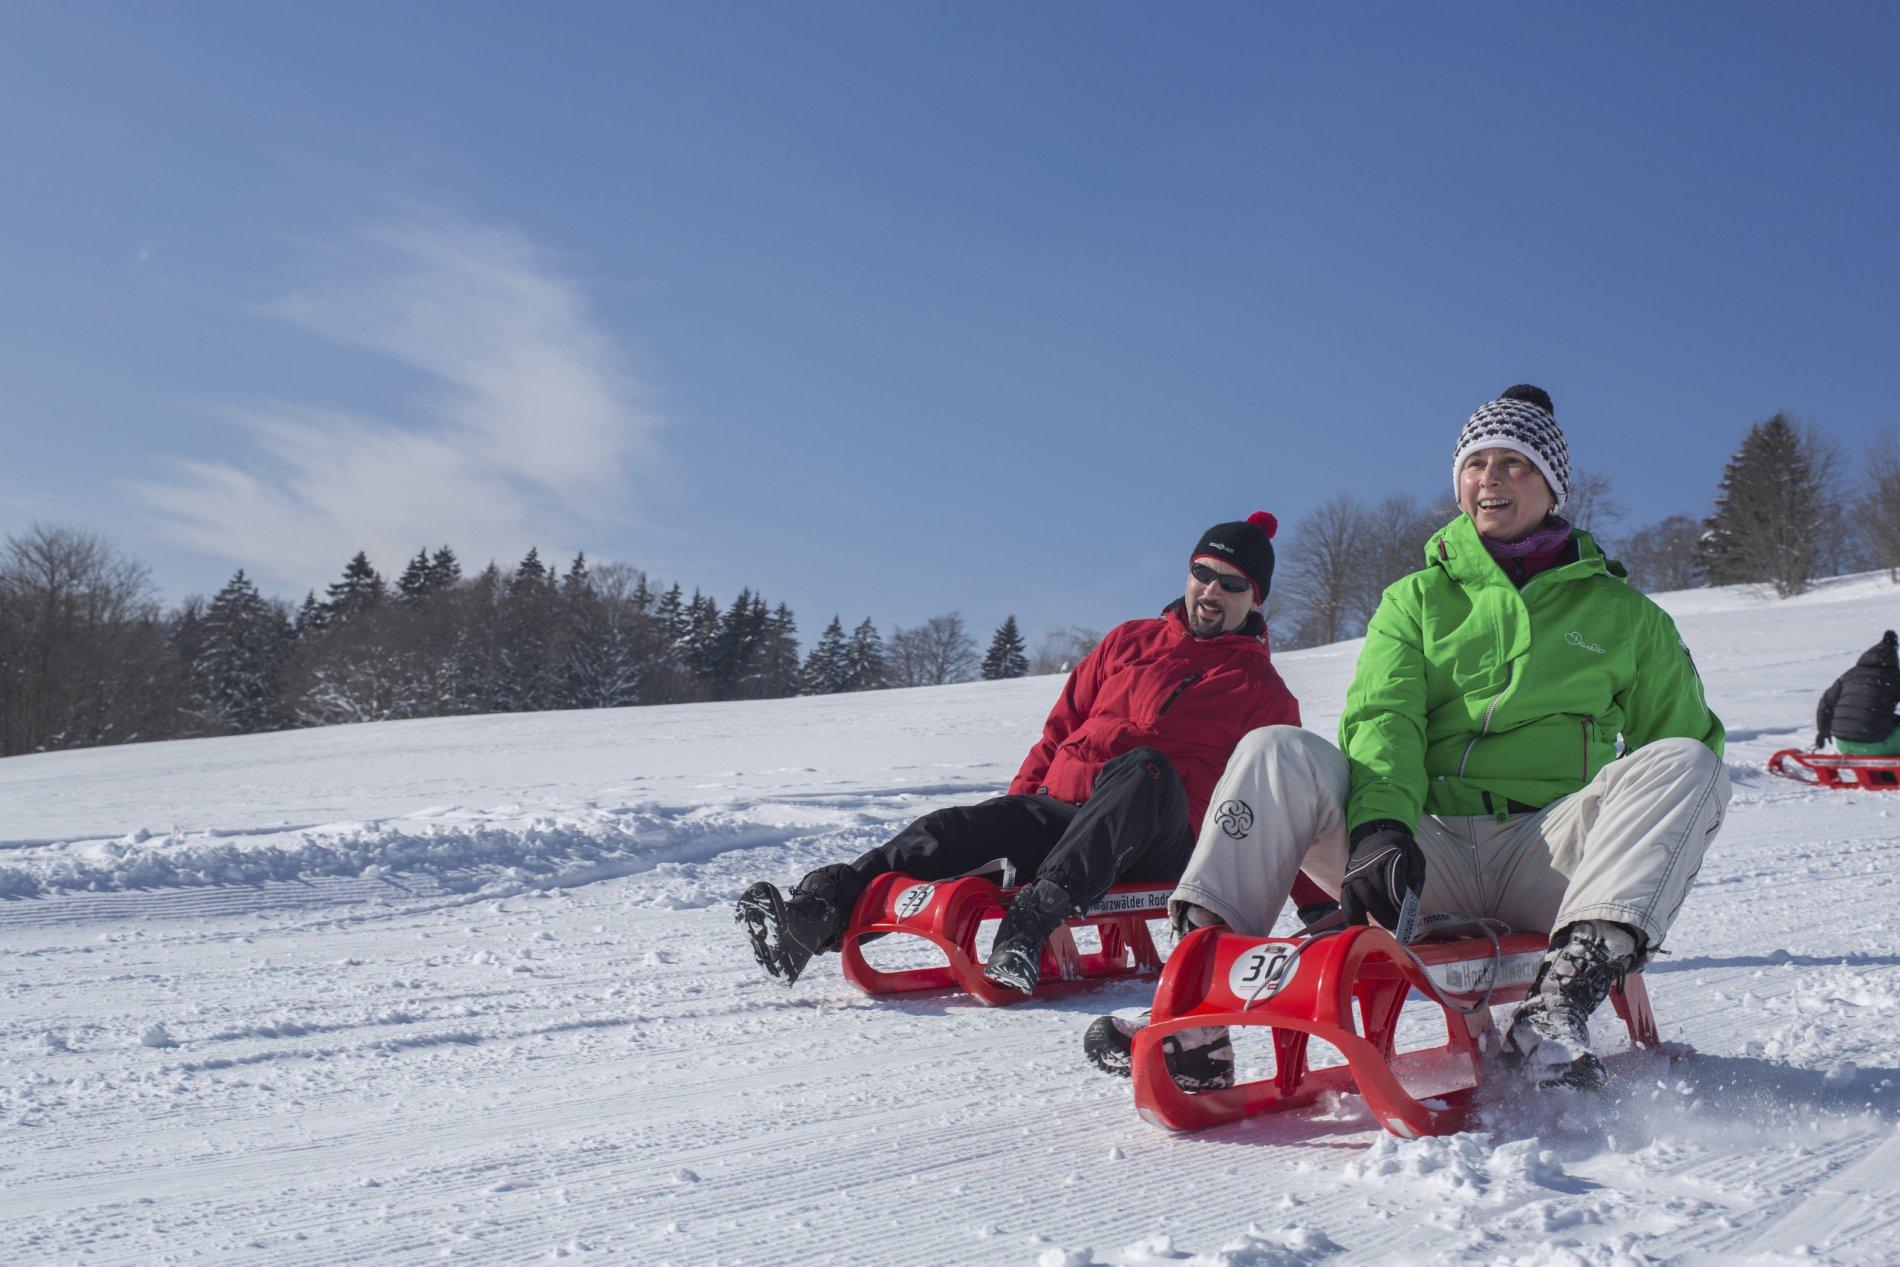 Rodler im Schnee